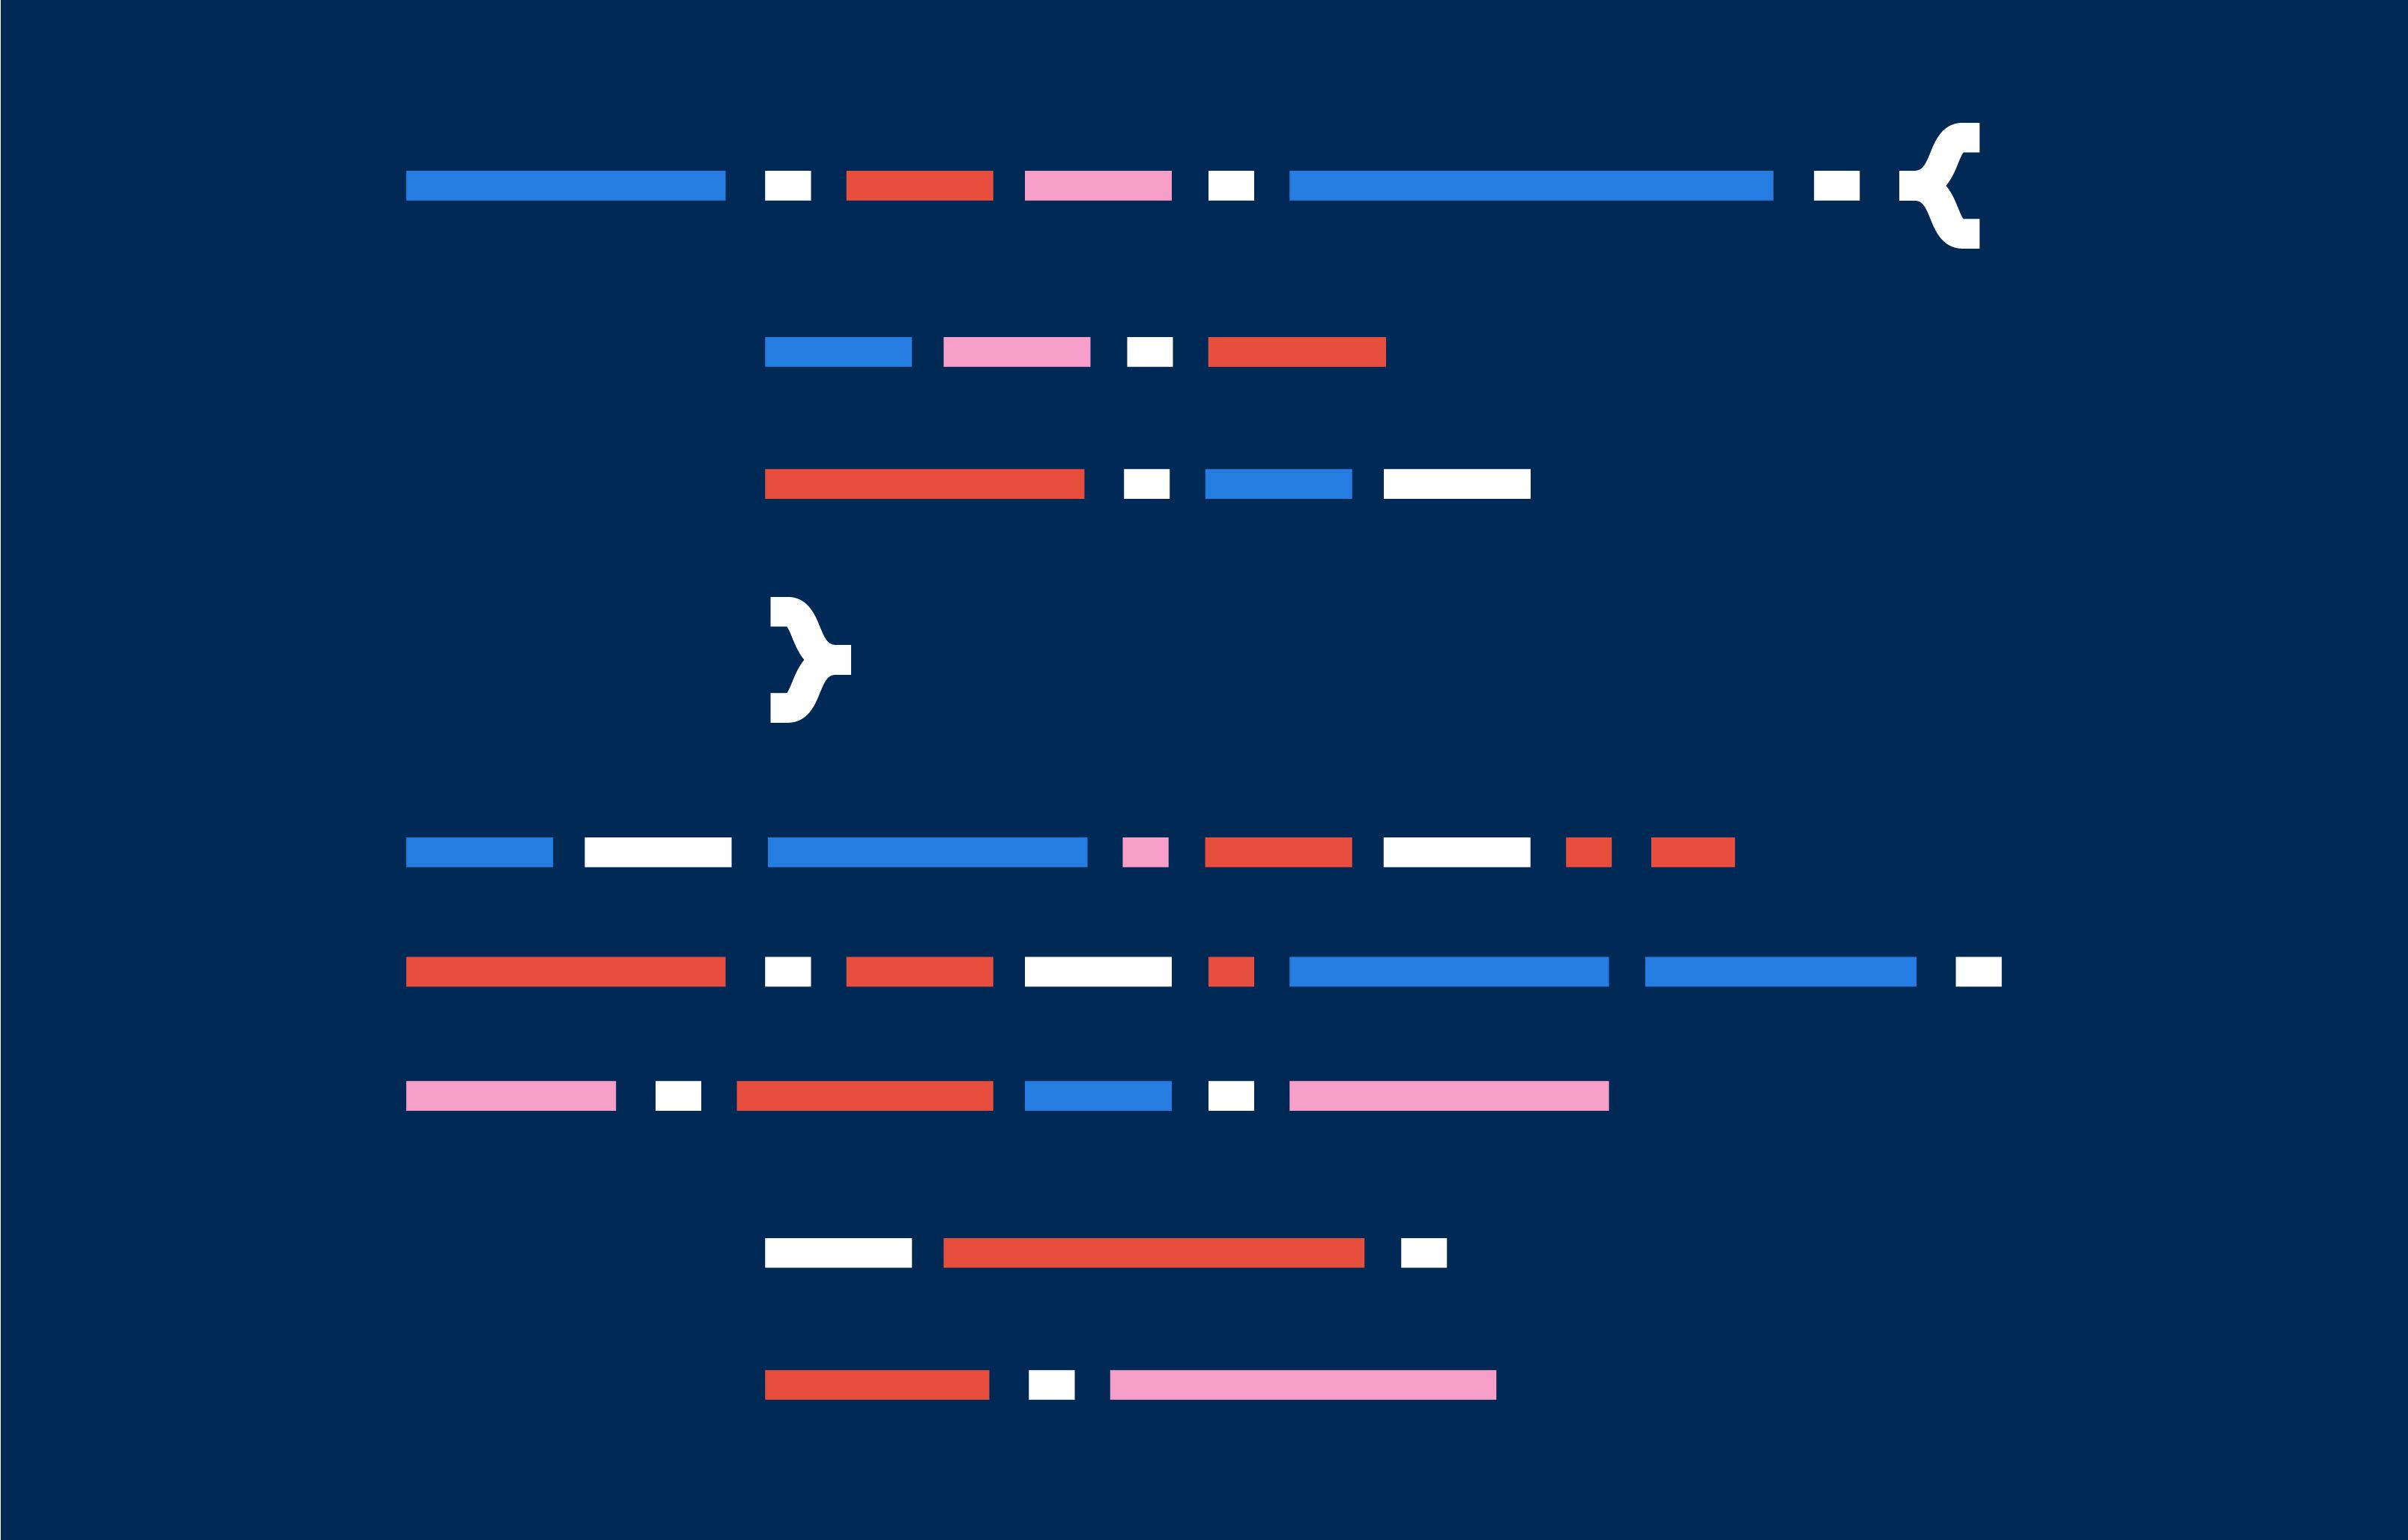 TypeScript's quirks